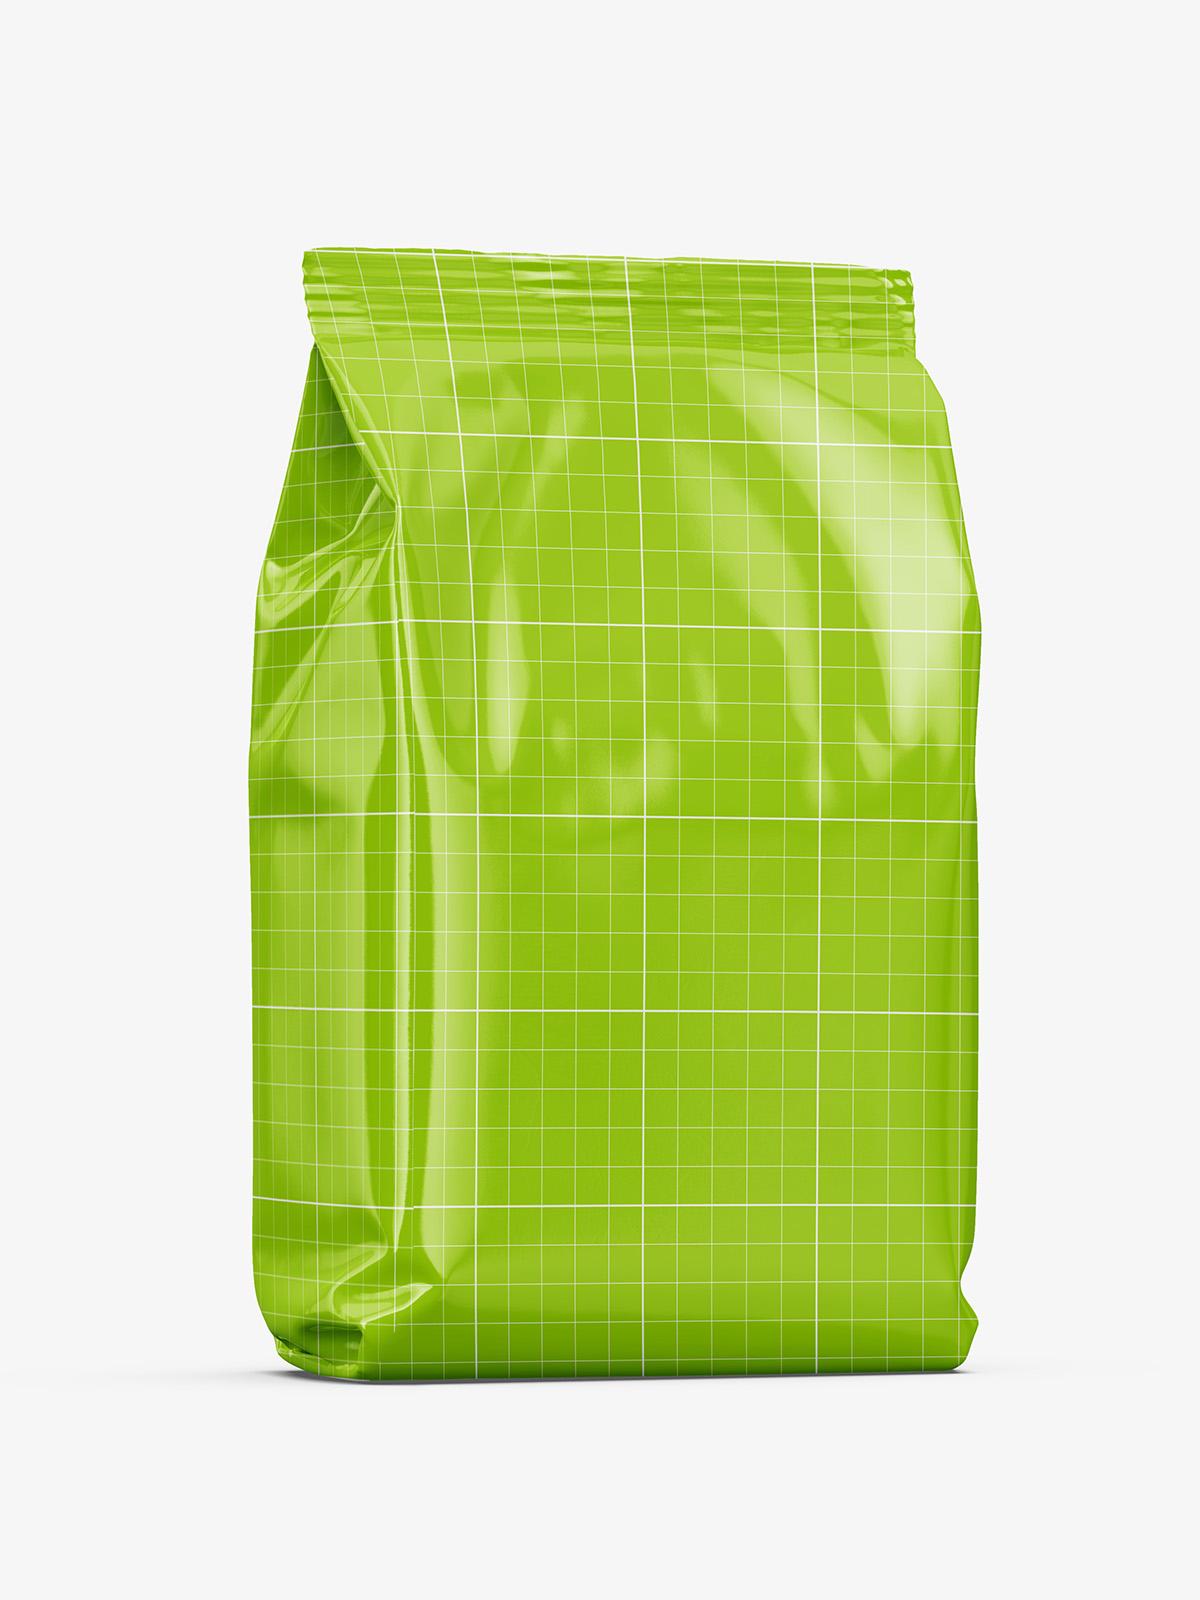 Download Glossy Bag Mockup Smarty Mockups